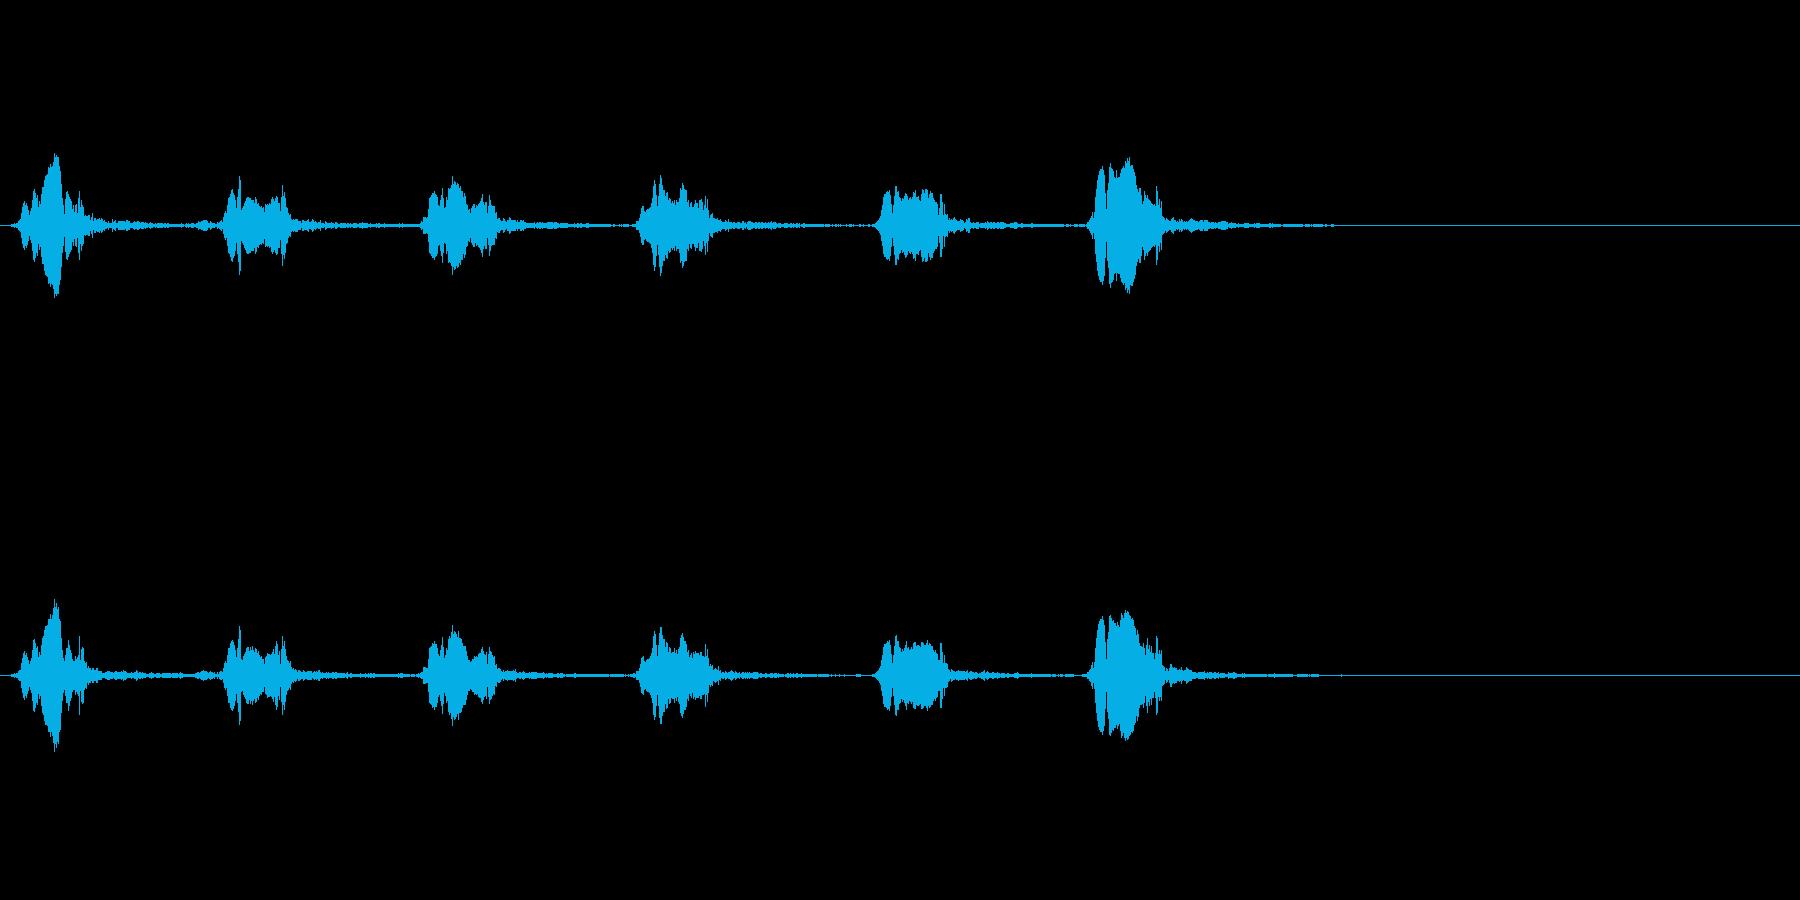 カラスの鳴き声(一匹、飛びながら)の再生済みの波形